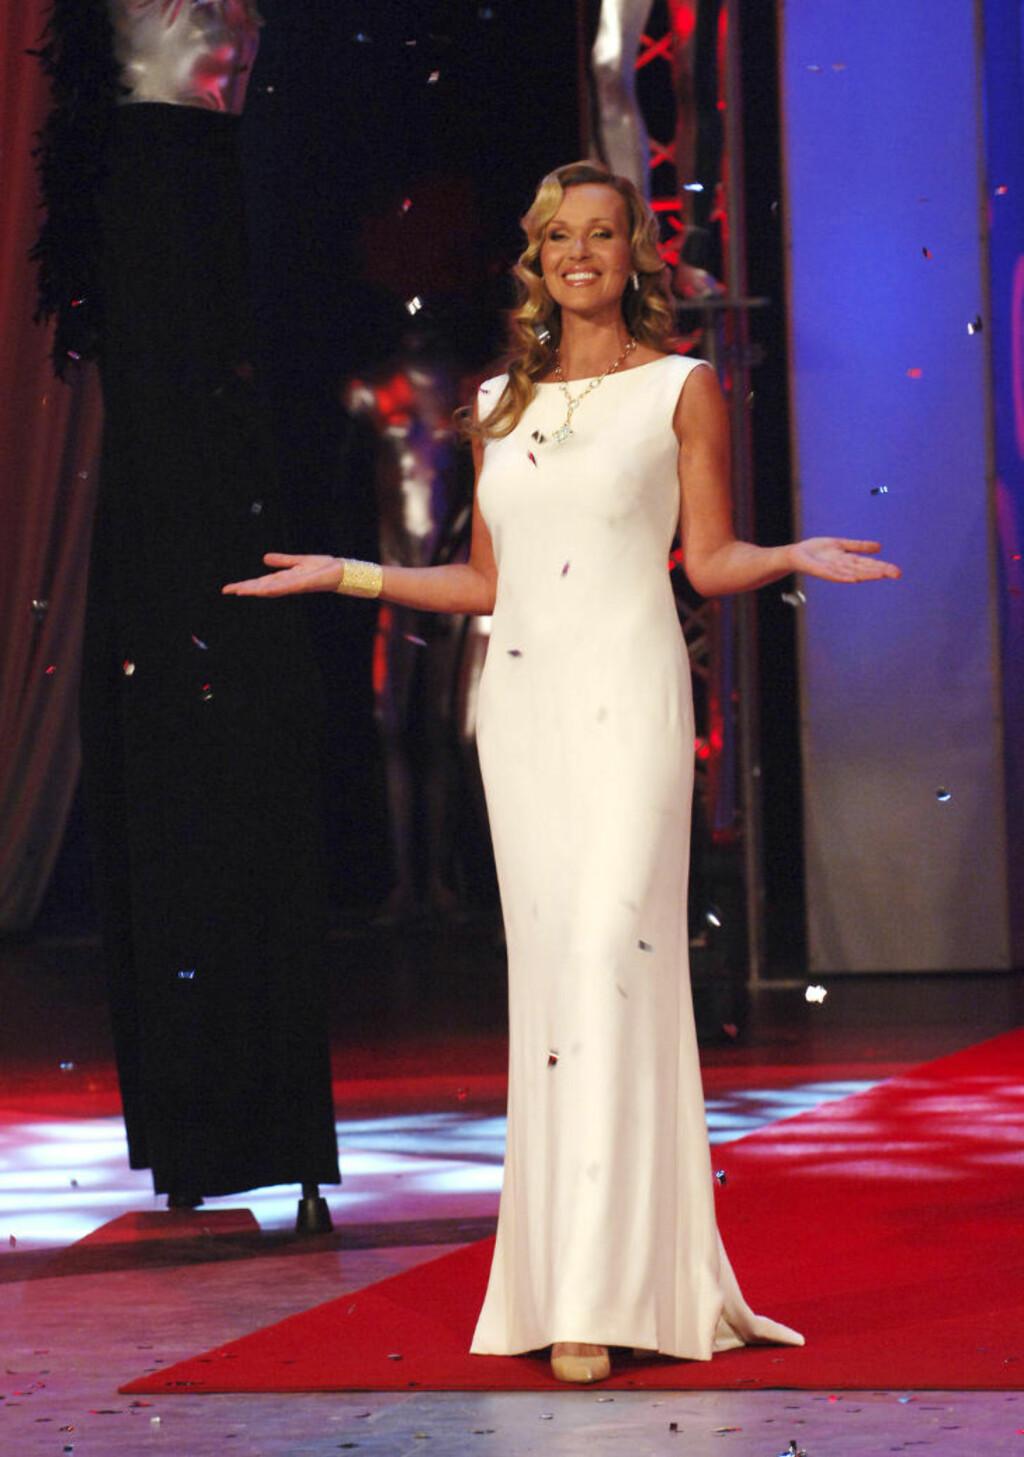 2006:  Skappel leder her sin syvende Gullruten-sending i en hvit, fotsid kjole. Hun er kjent for å bytte mange antrekk i løpet av hvert show, og var den 13. mai i 2006 også å se i en like elegant rød fotsid kjole. Foto: Marit Hommedal / SCANPIX